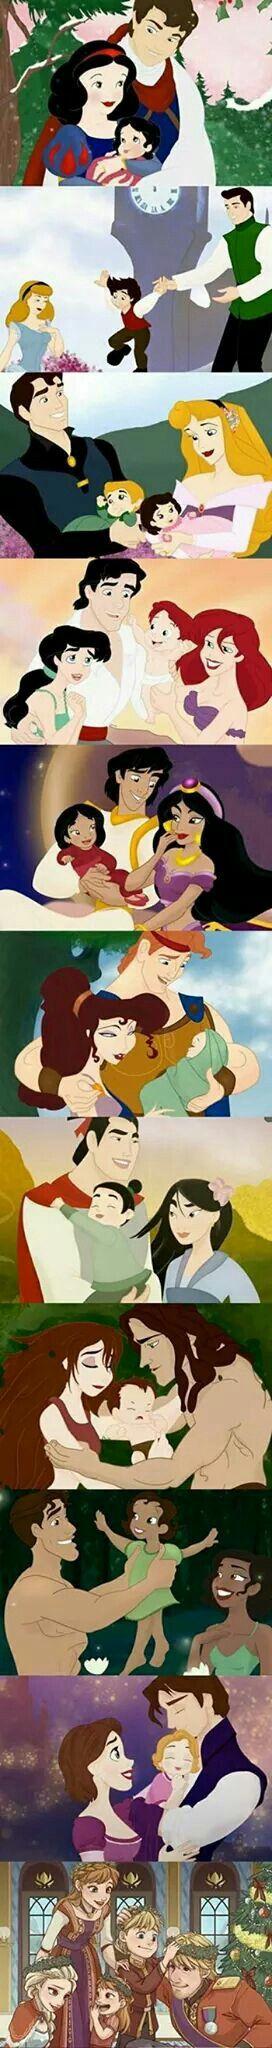 Disney futures!!!